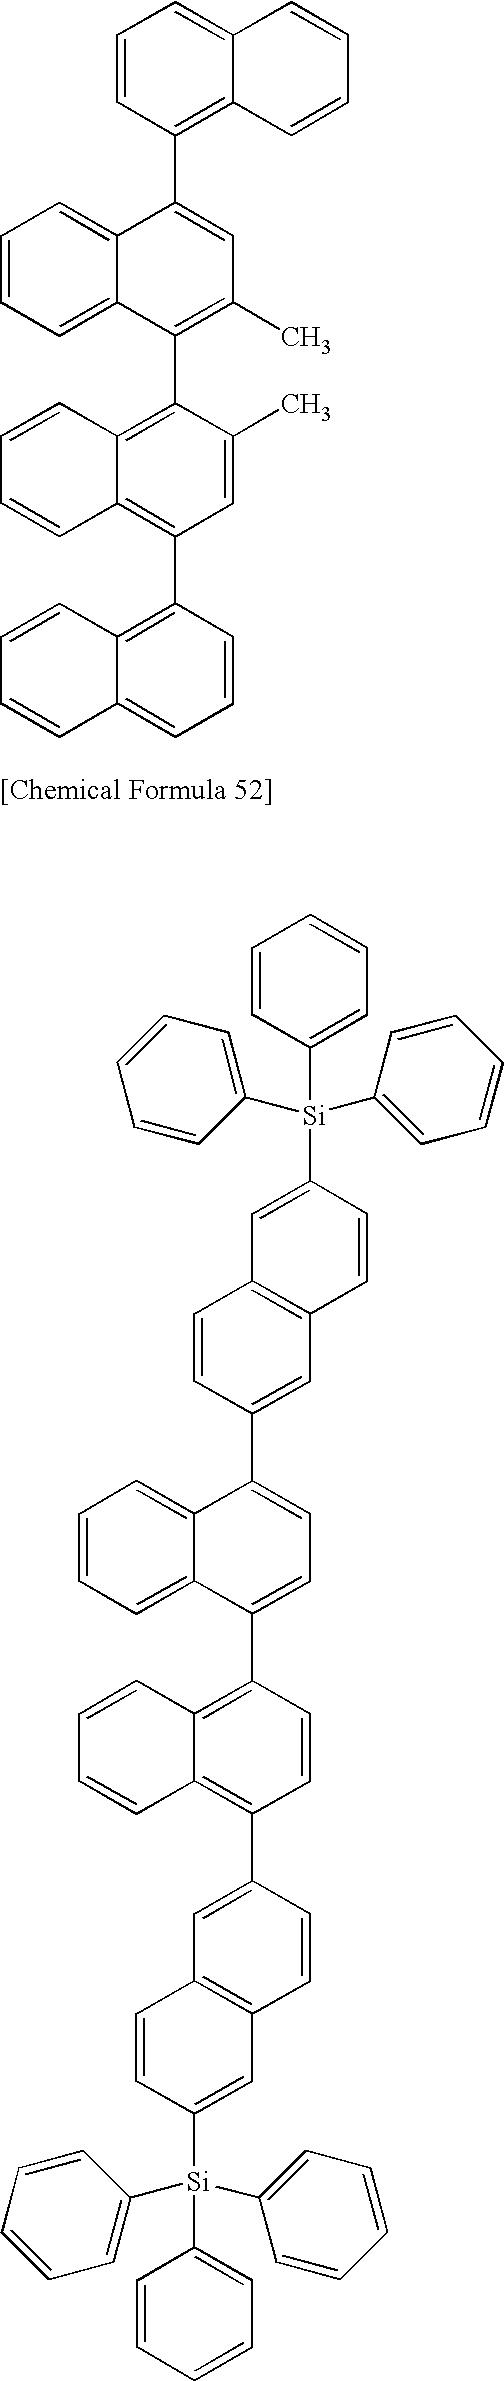 Figure US20100171109A1-20100708-C00085